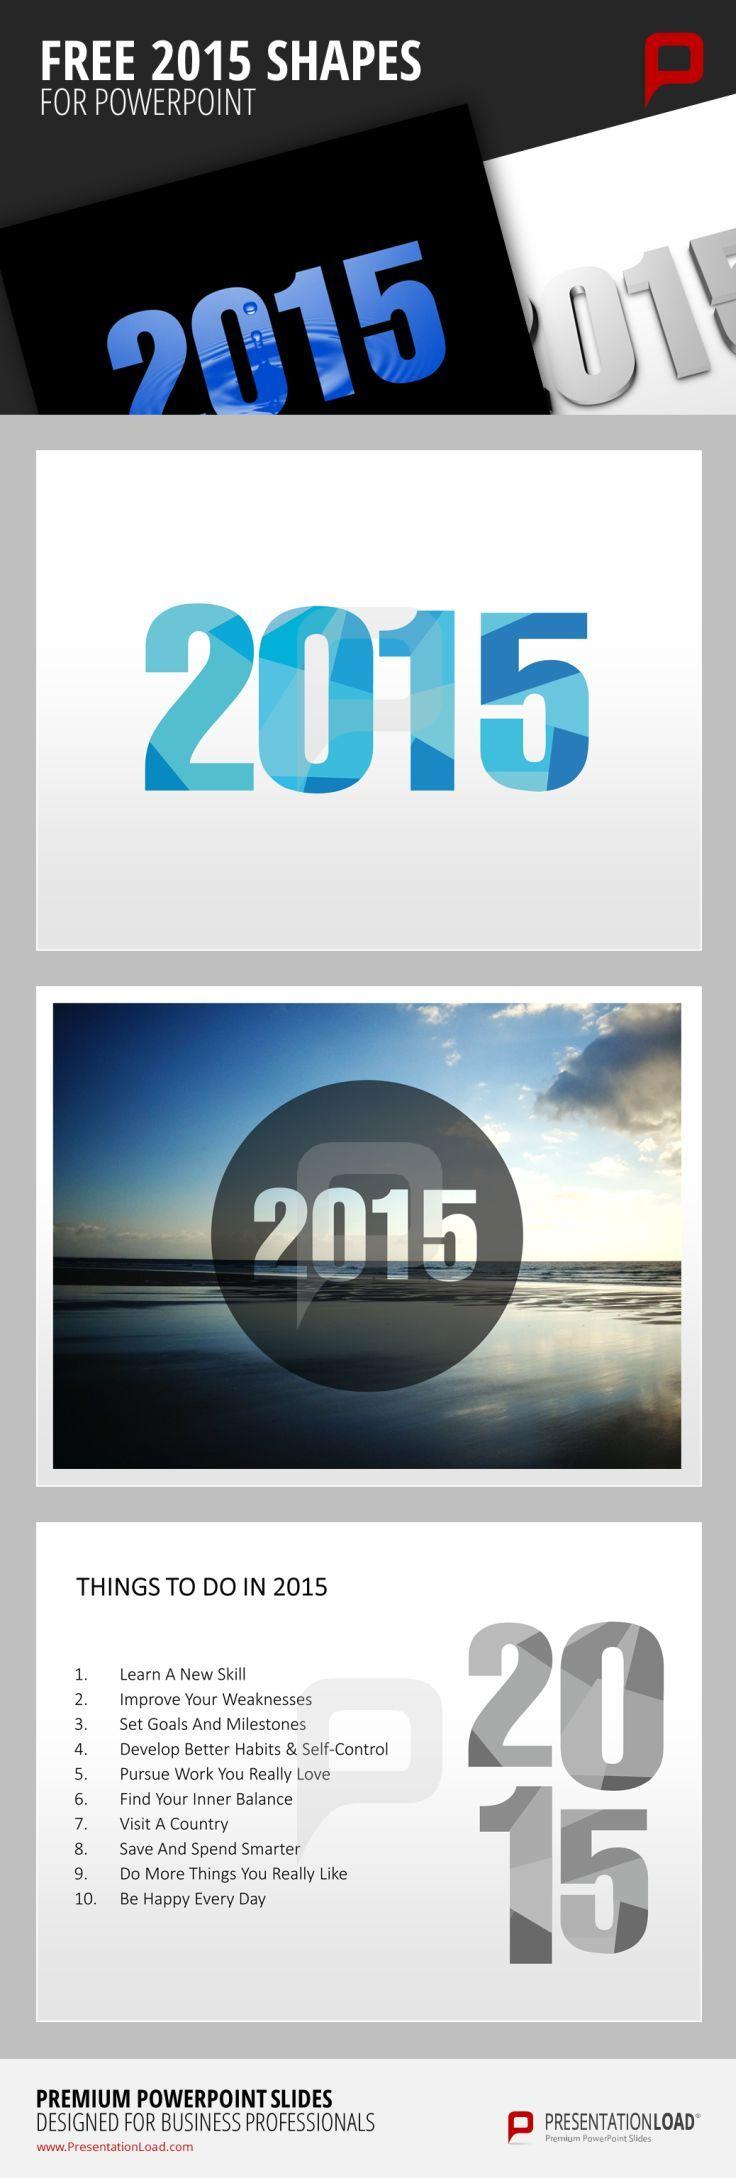 Professionelle PowerPoint Vorlage für 2015. Kostenloszum Download auf PresentationLoad: www.presentationload.de/2015-kostenlose-powerpoint-vorlage.html